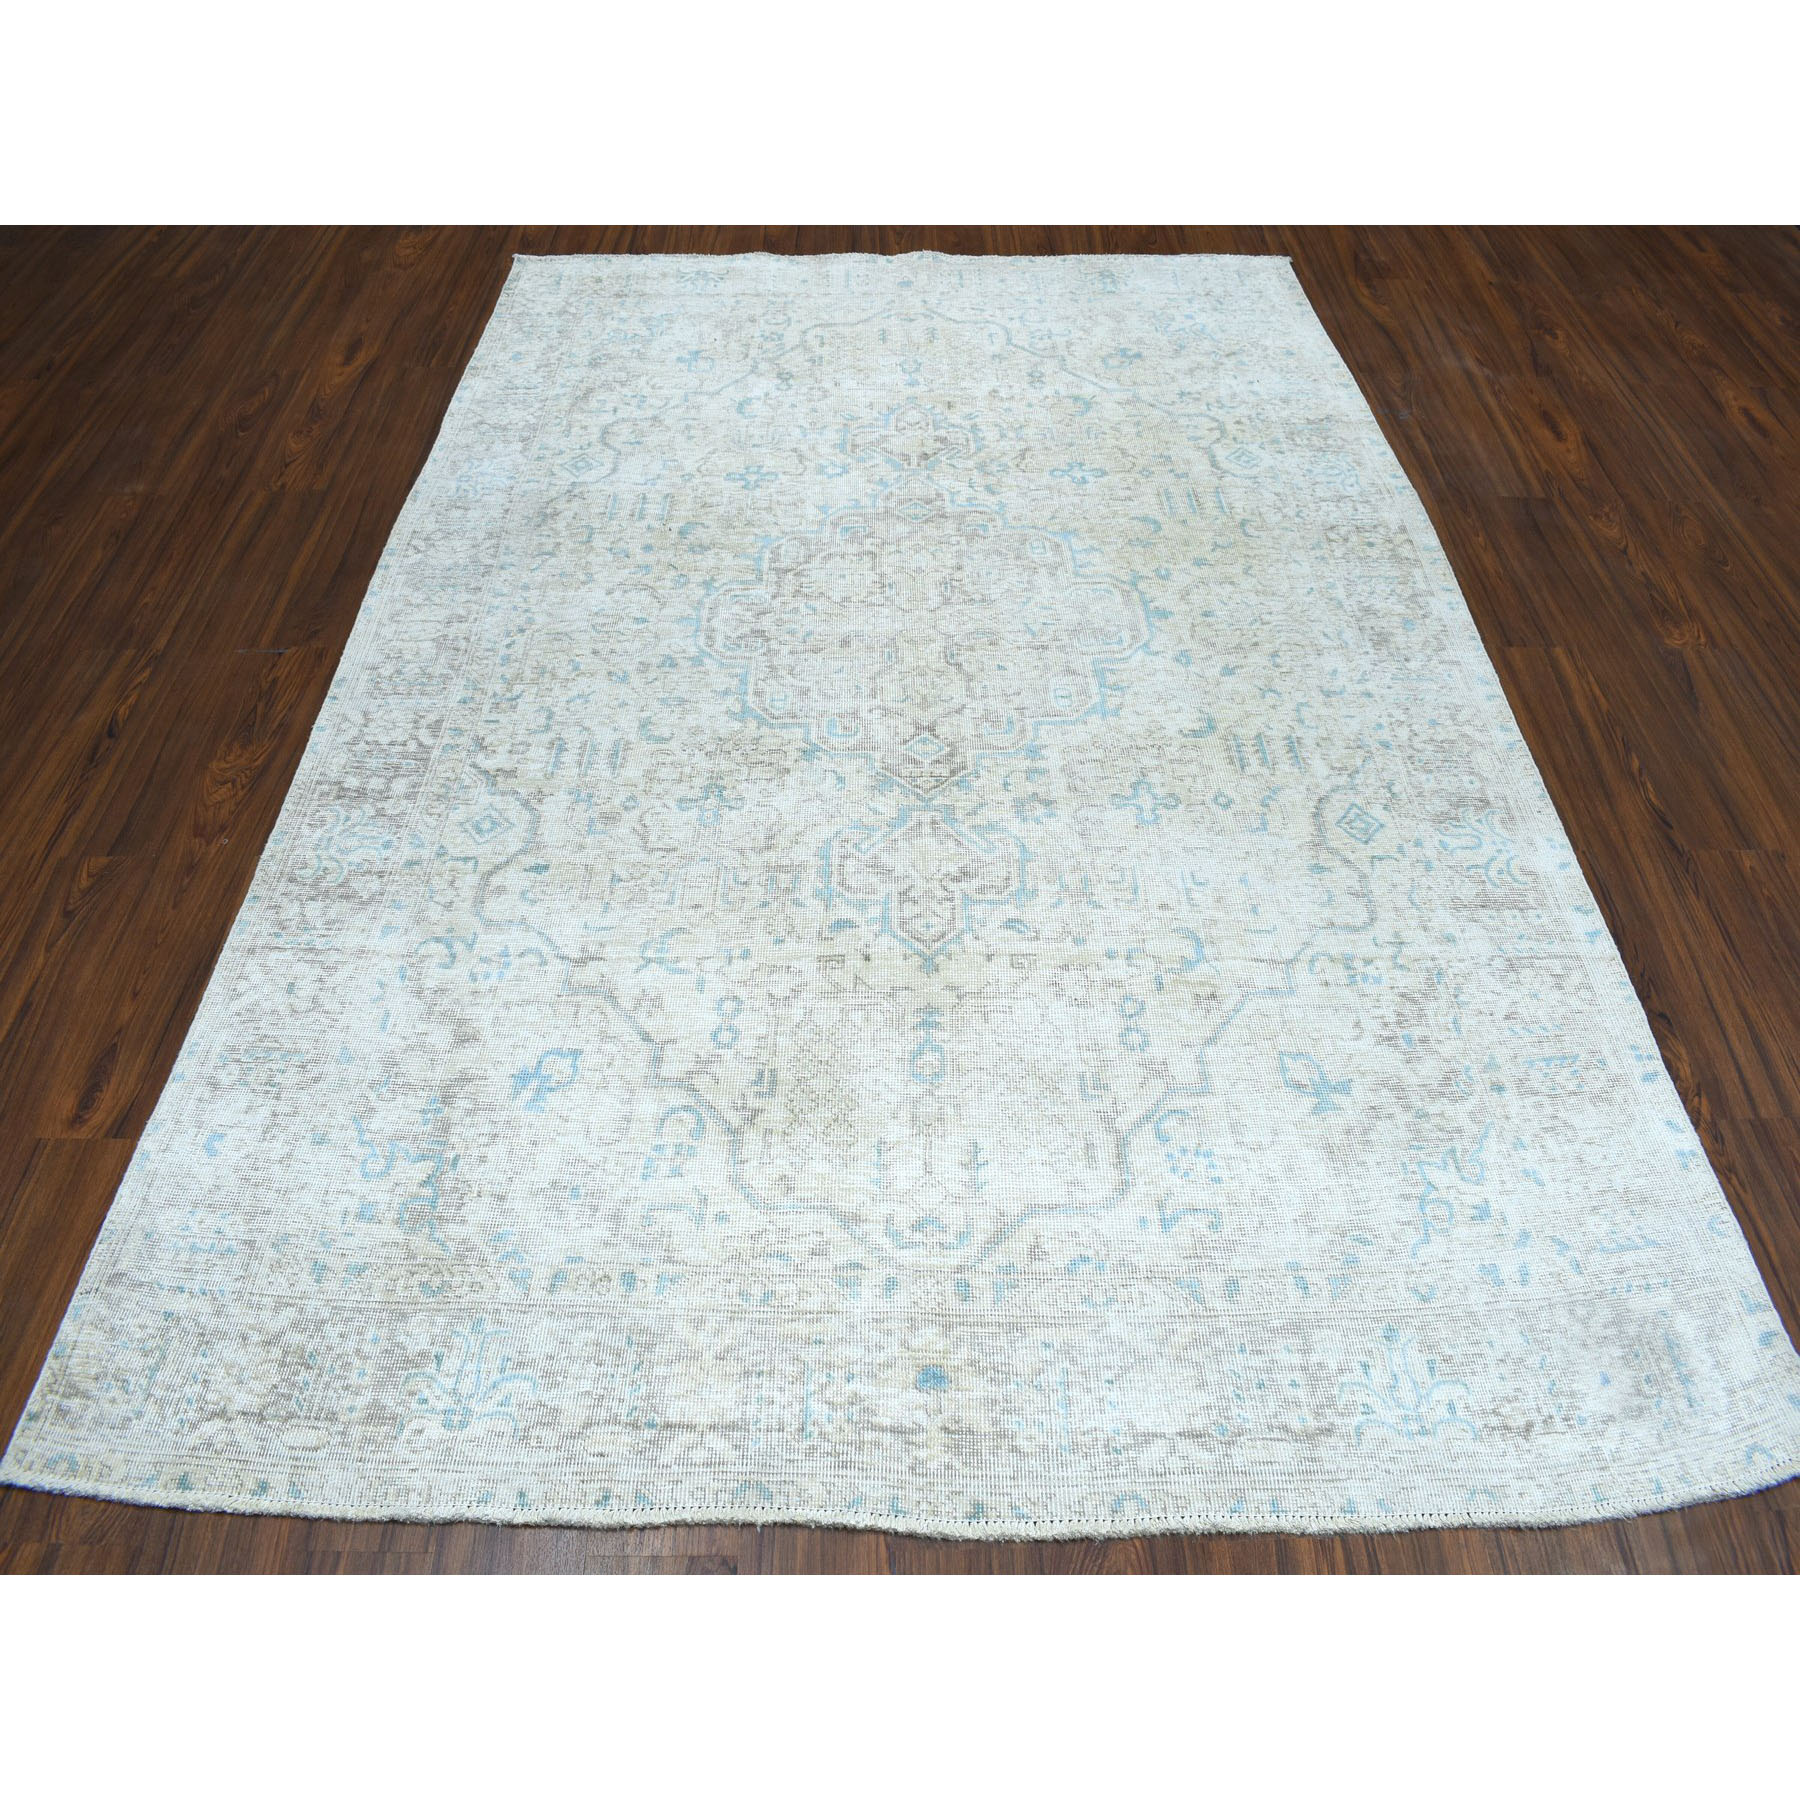 6-4 x9- Vintage White Wash Tabriz Worn Wool Hand-Knotted Oriental Rug